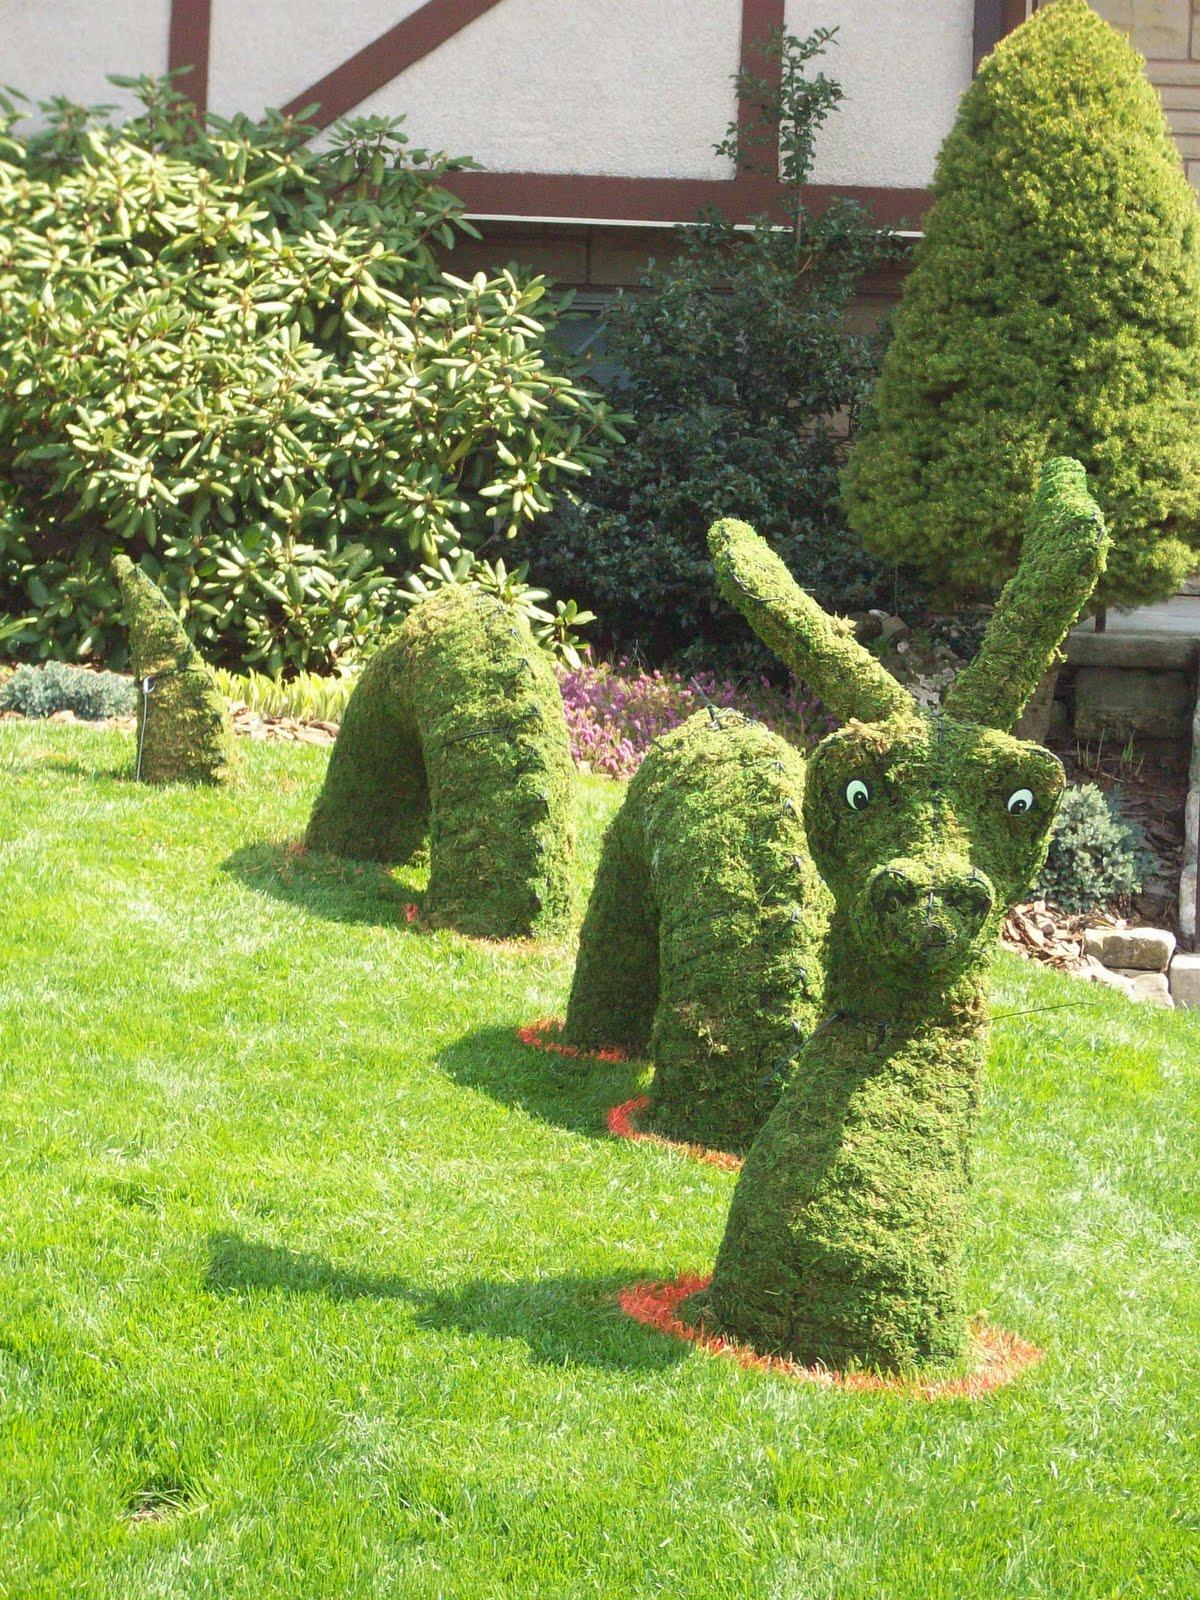 decoracin para jardines figuras de animales realizadas en alambre y musgo con o sin plantas esculturas verdes